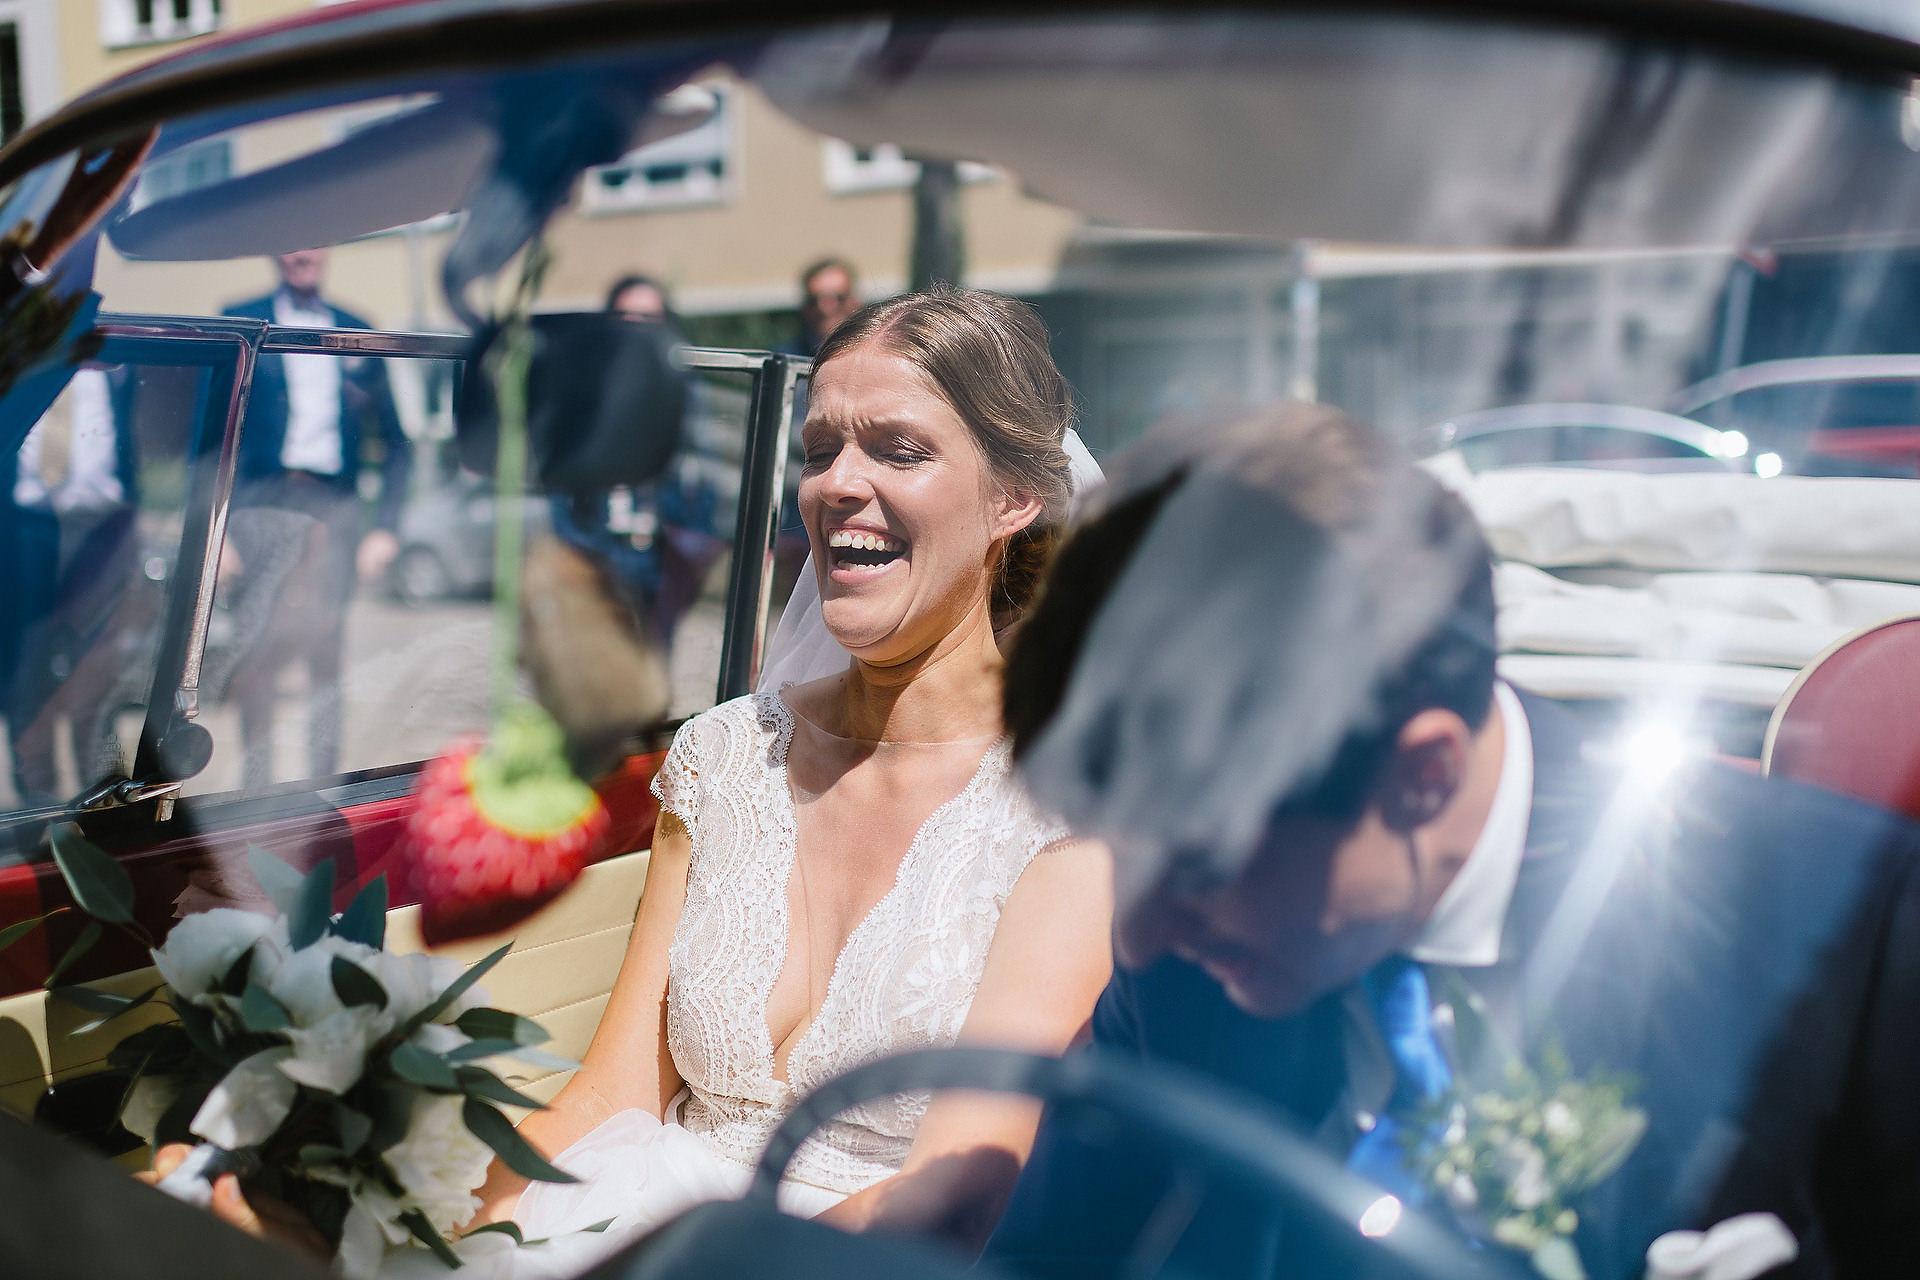 Fotograf Konstanz - Hochzeitsreportage Freiburg Hofgut Lilienhof Hochzeit Fotograf Konstanz 26 - Wedding in Freiburg and Hofgut Lilienhof  - 127 -